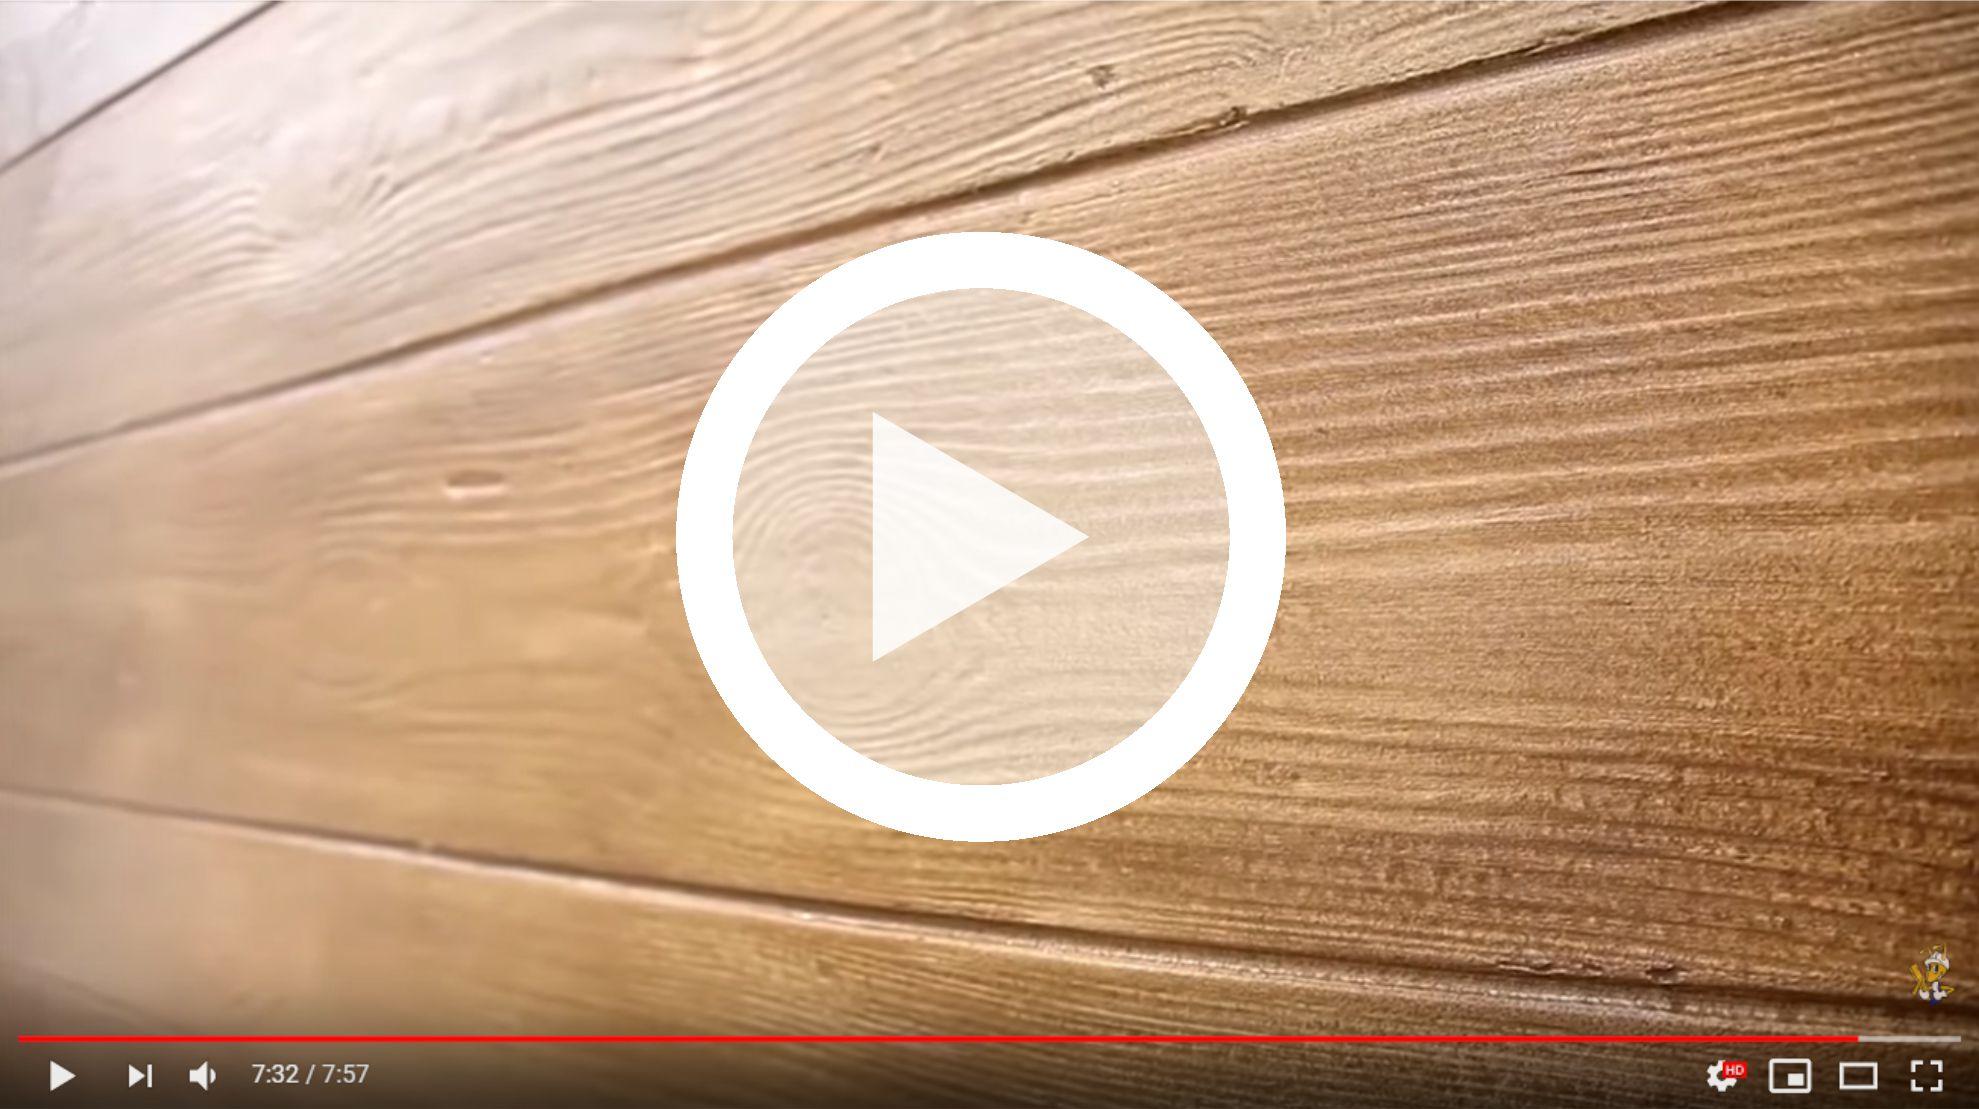 tynk-dekoracyjny-o-strukturze-drewna